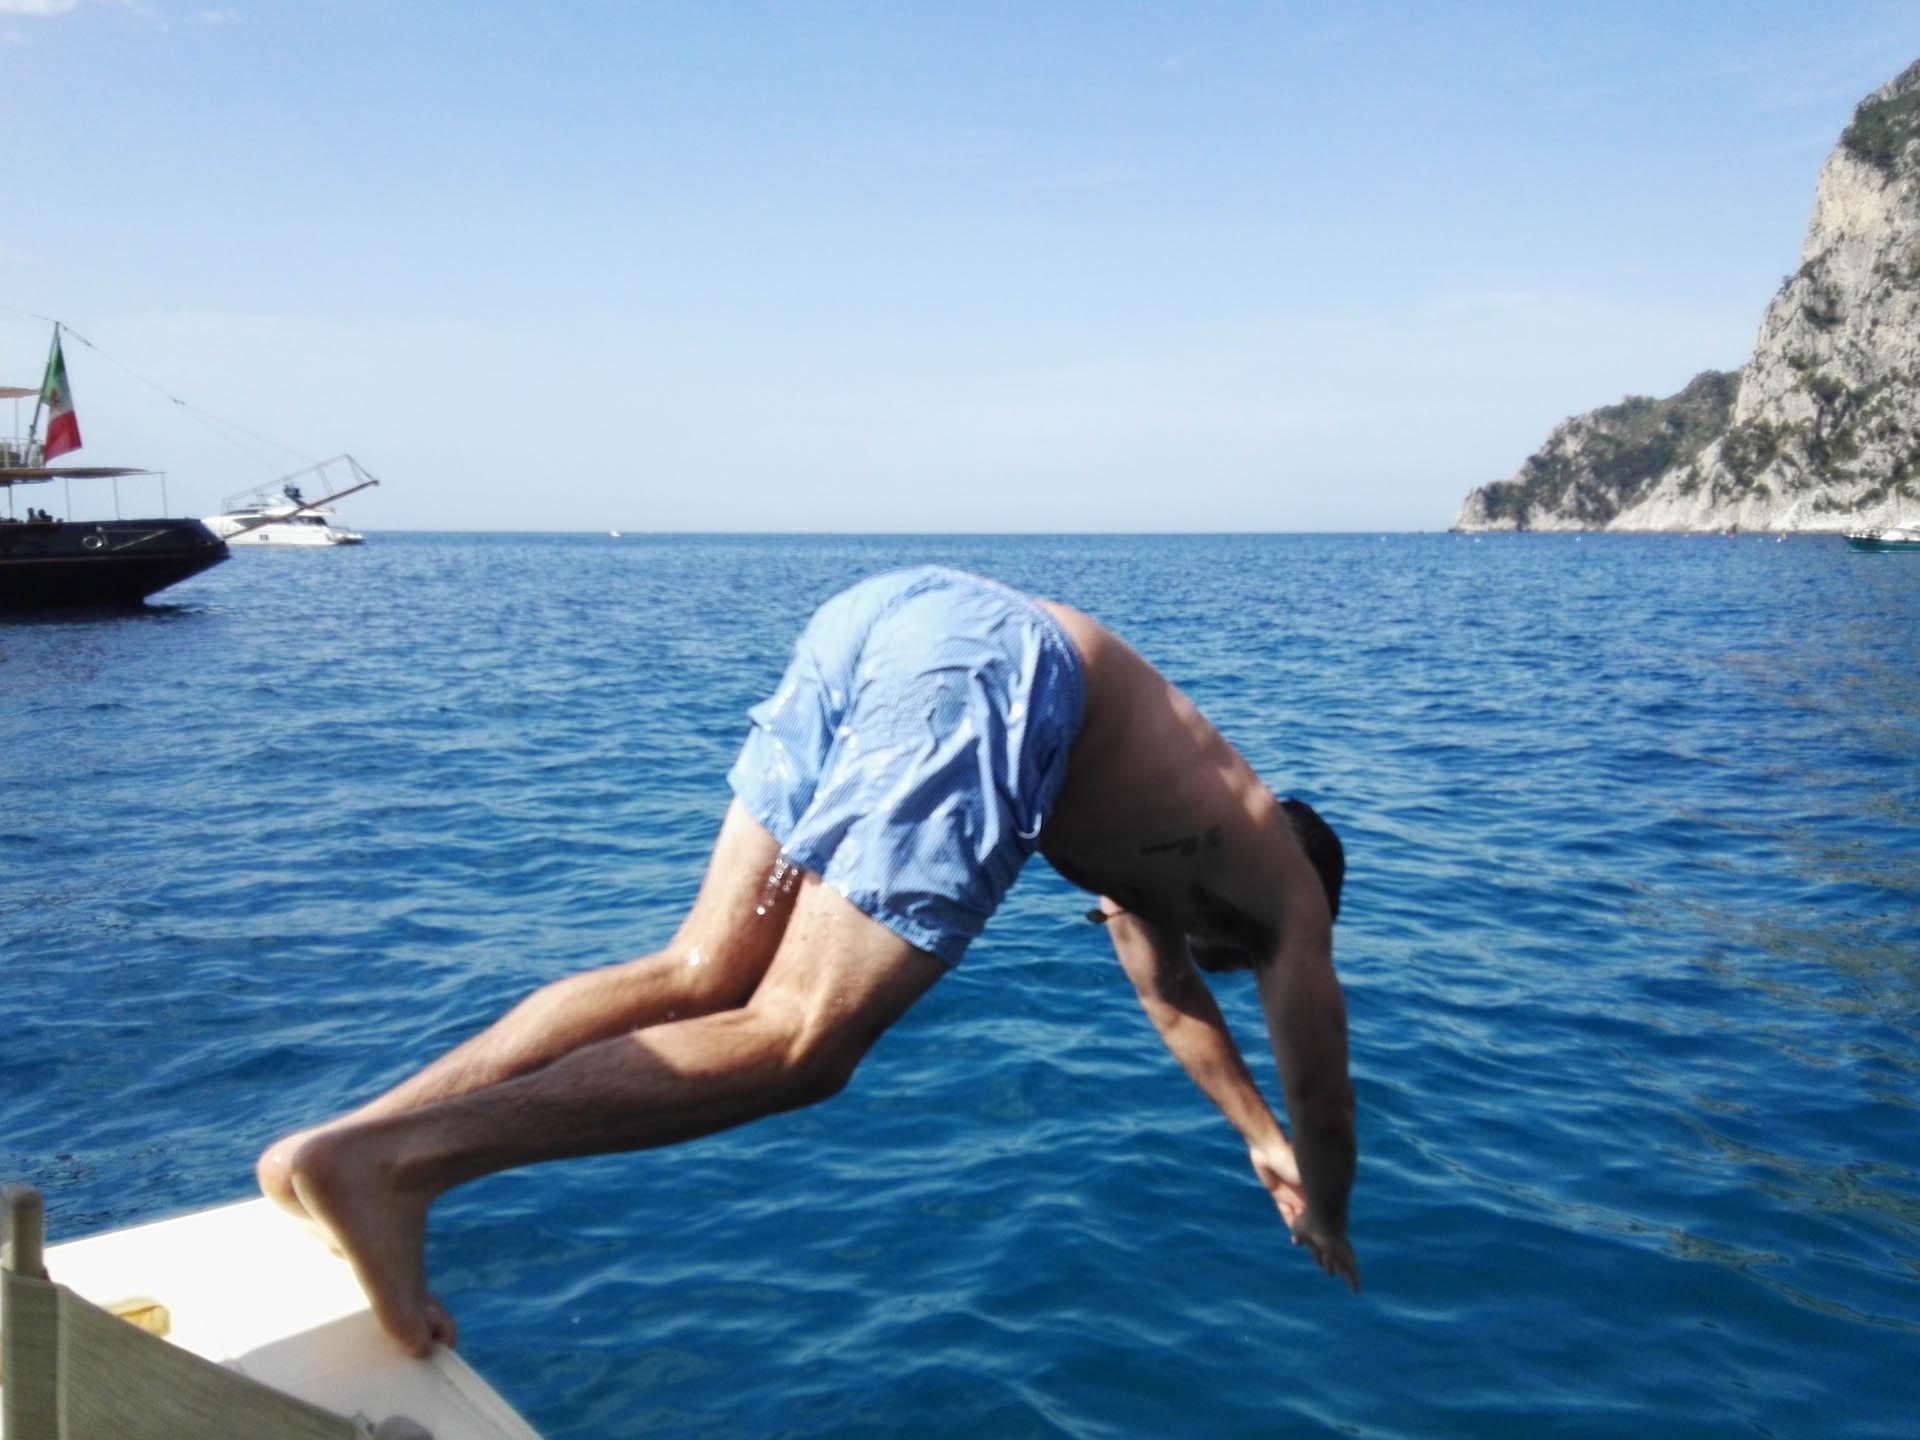 Dive into the sea of capri